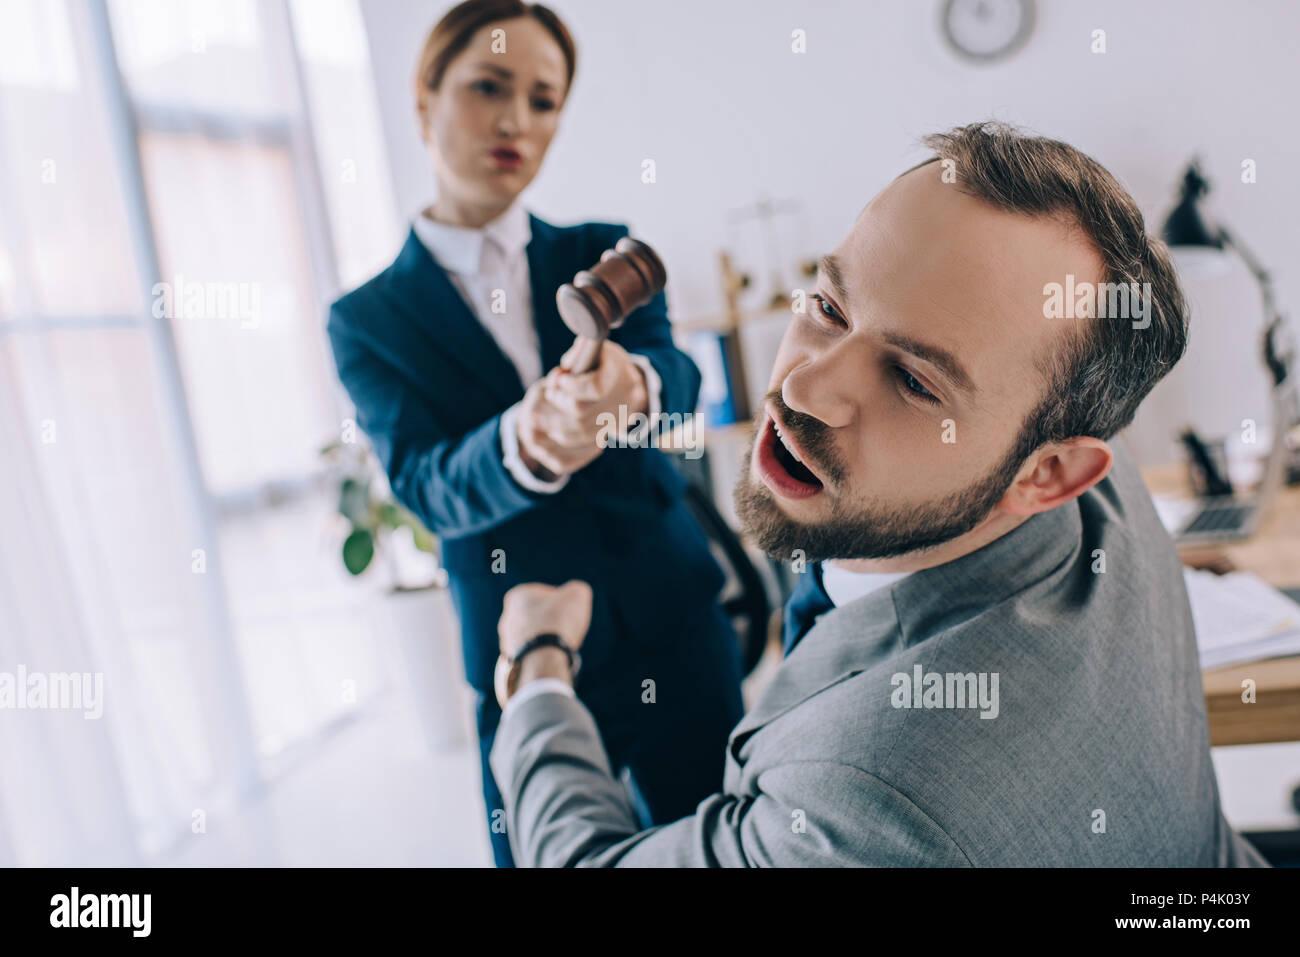 El enfoque selectivo de abogado pretendiendo hit colega con martillo en mano en la oficina Foto de stock